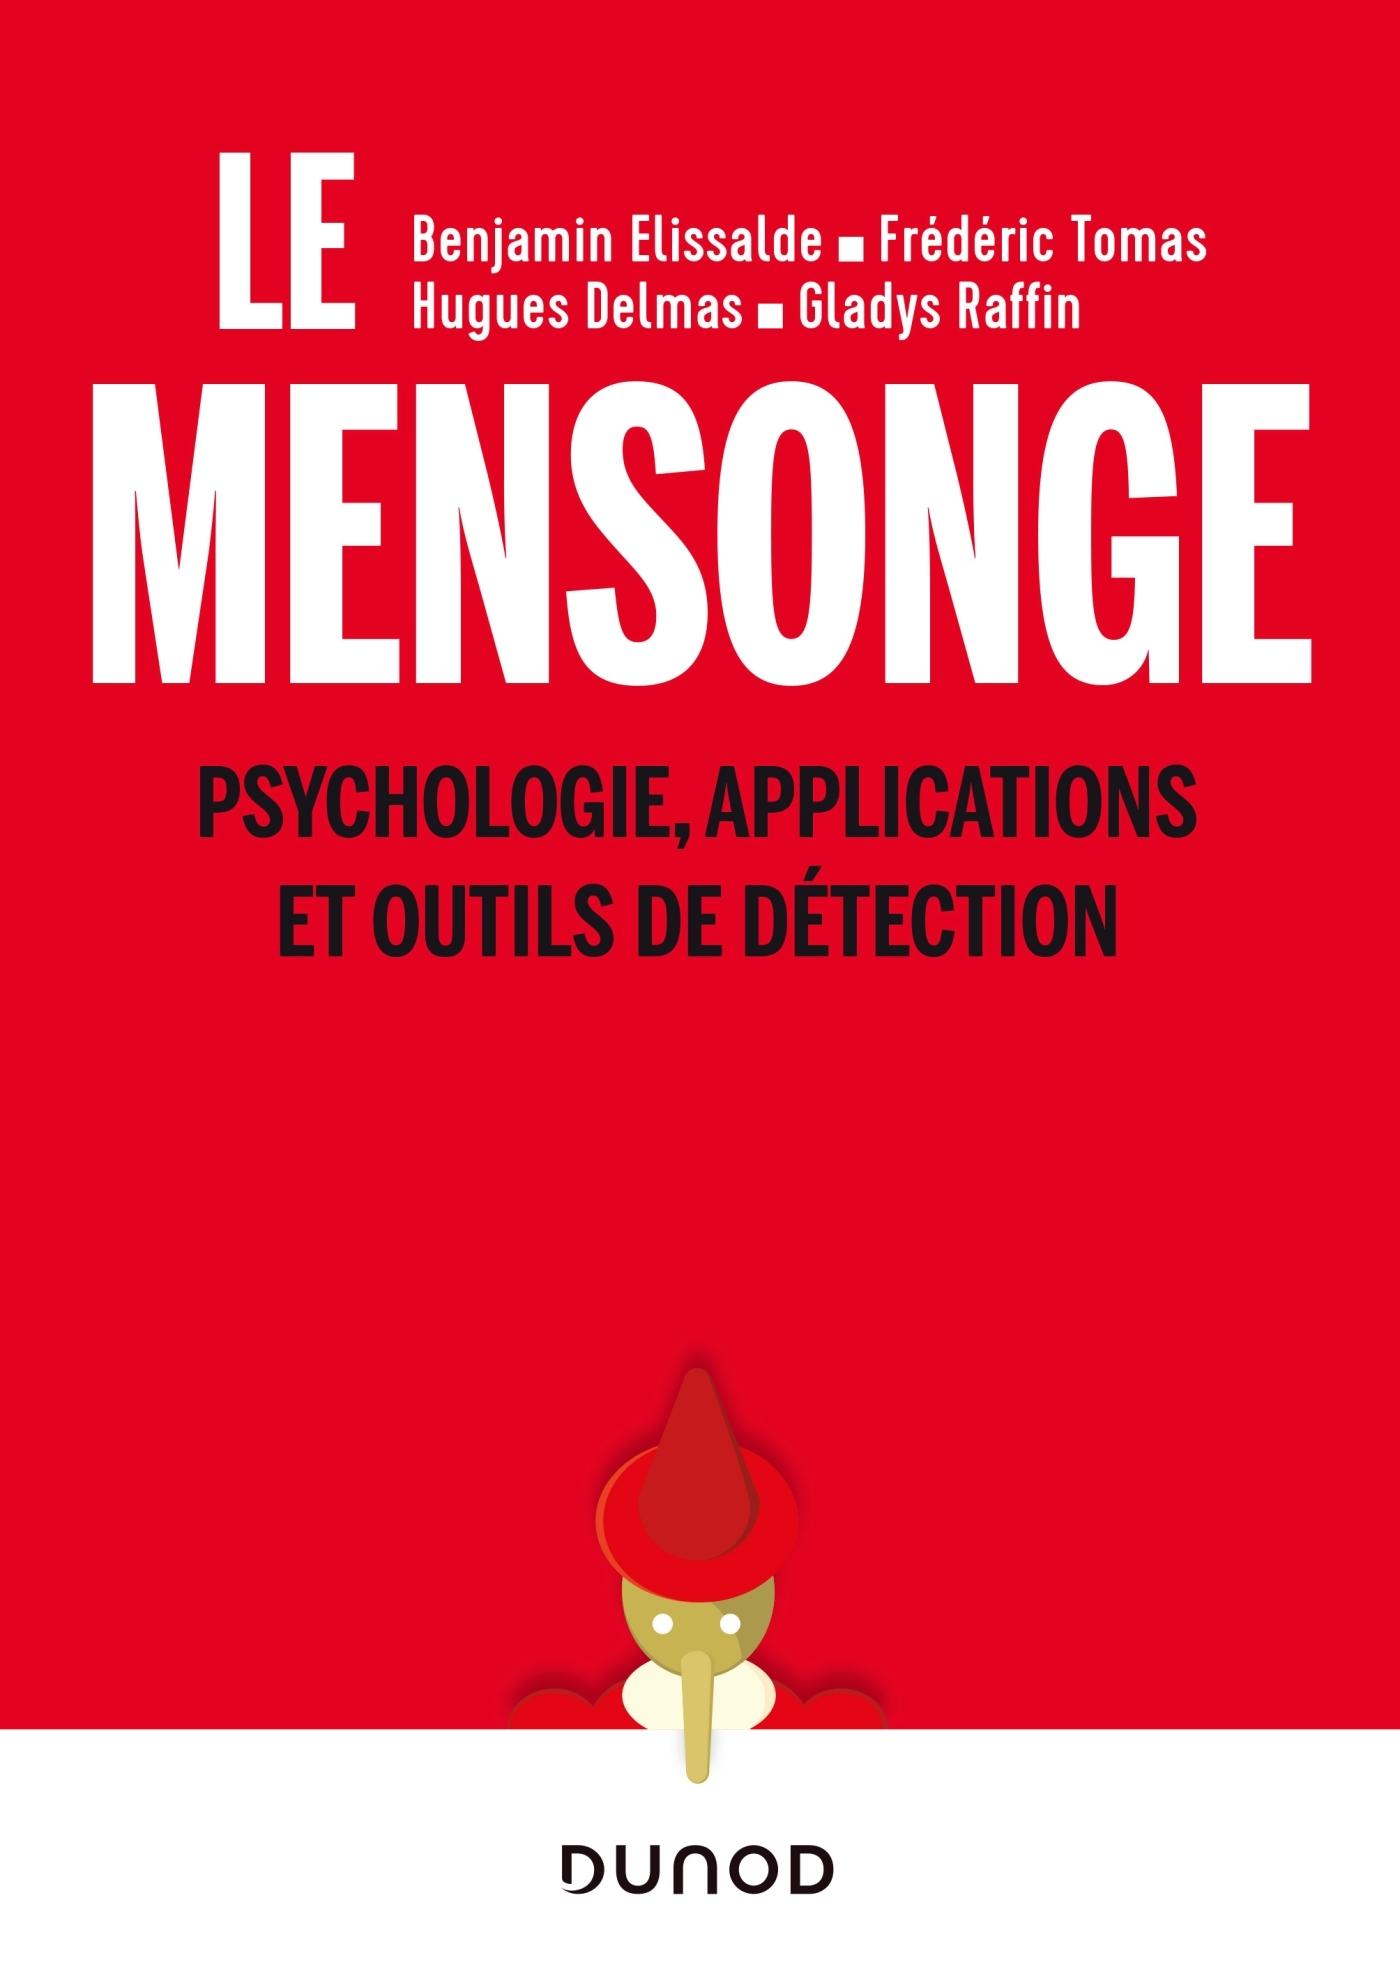 LE MENSONGE - PSYCHOLOGIE, APPLICATIONS ET OUTILS DE DETECTION